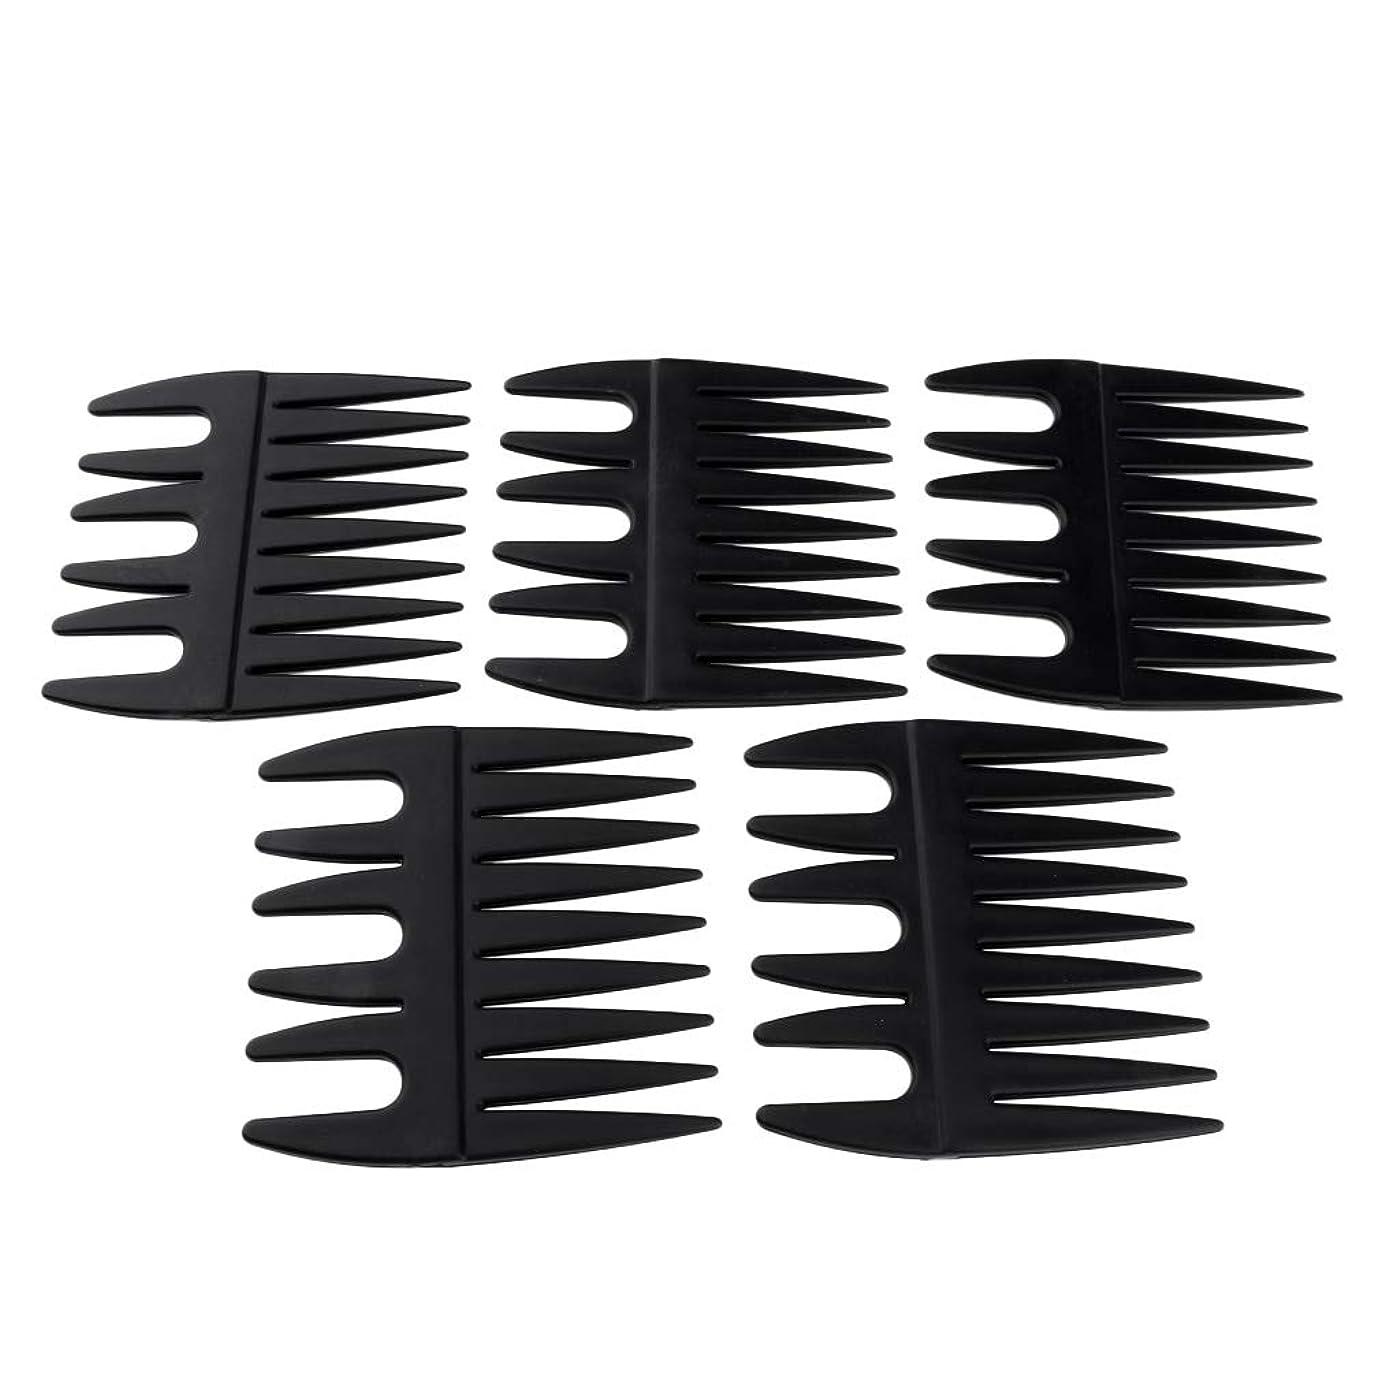 従順な犯罪膨張するSM SunniMix 5個 ヘアコーム サロン ヘアピックコーム 染料 理髪 スタイリングブラシ 2-in-1